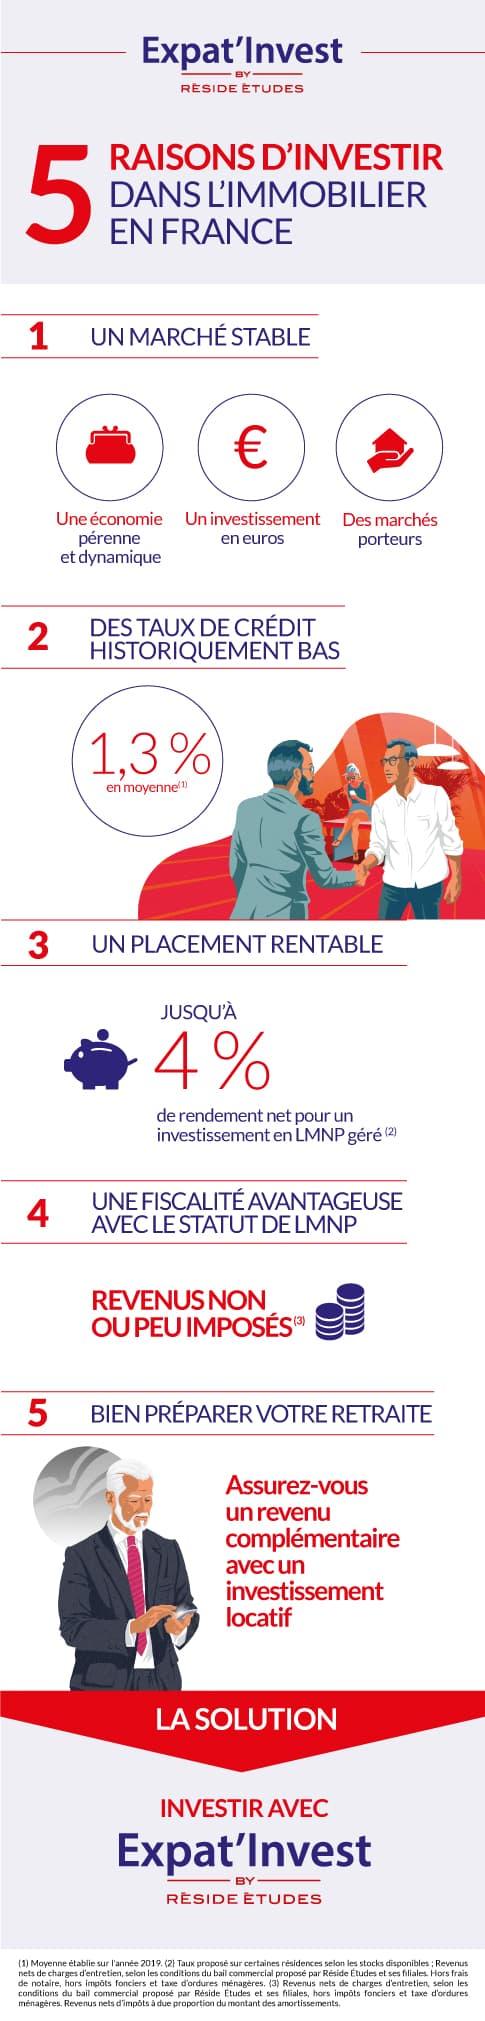 Infographie - 5 raisons d'investir dans l'immobilier en France